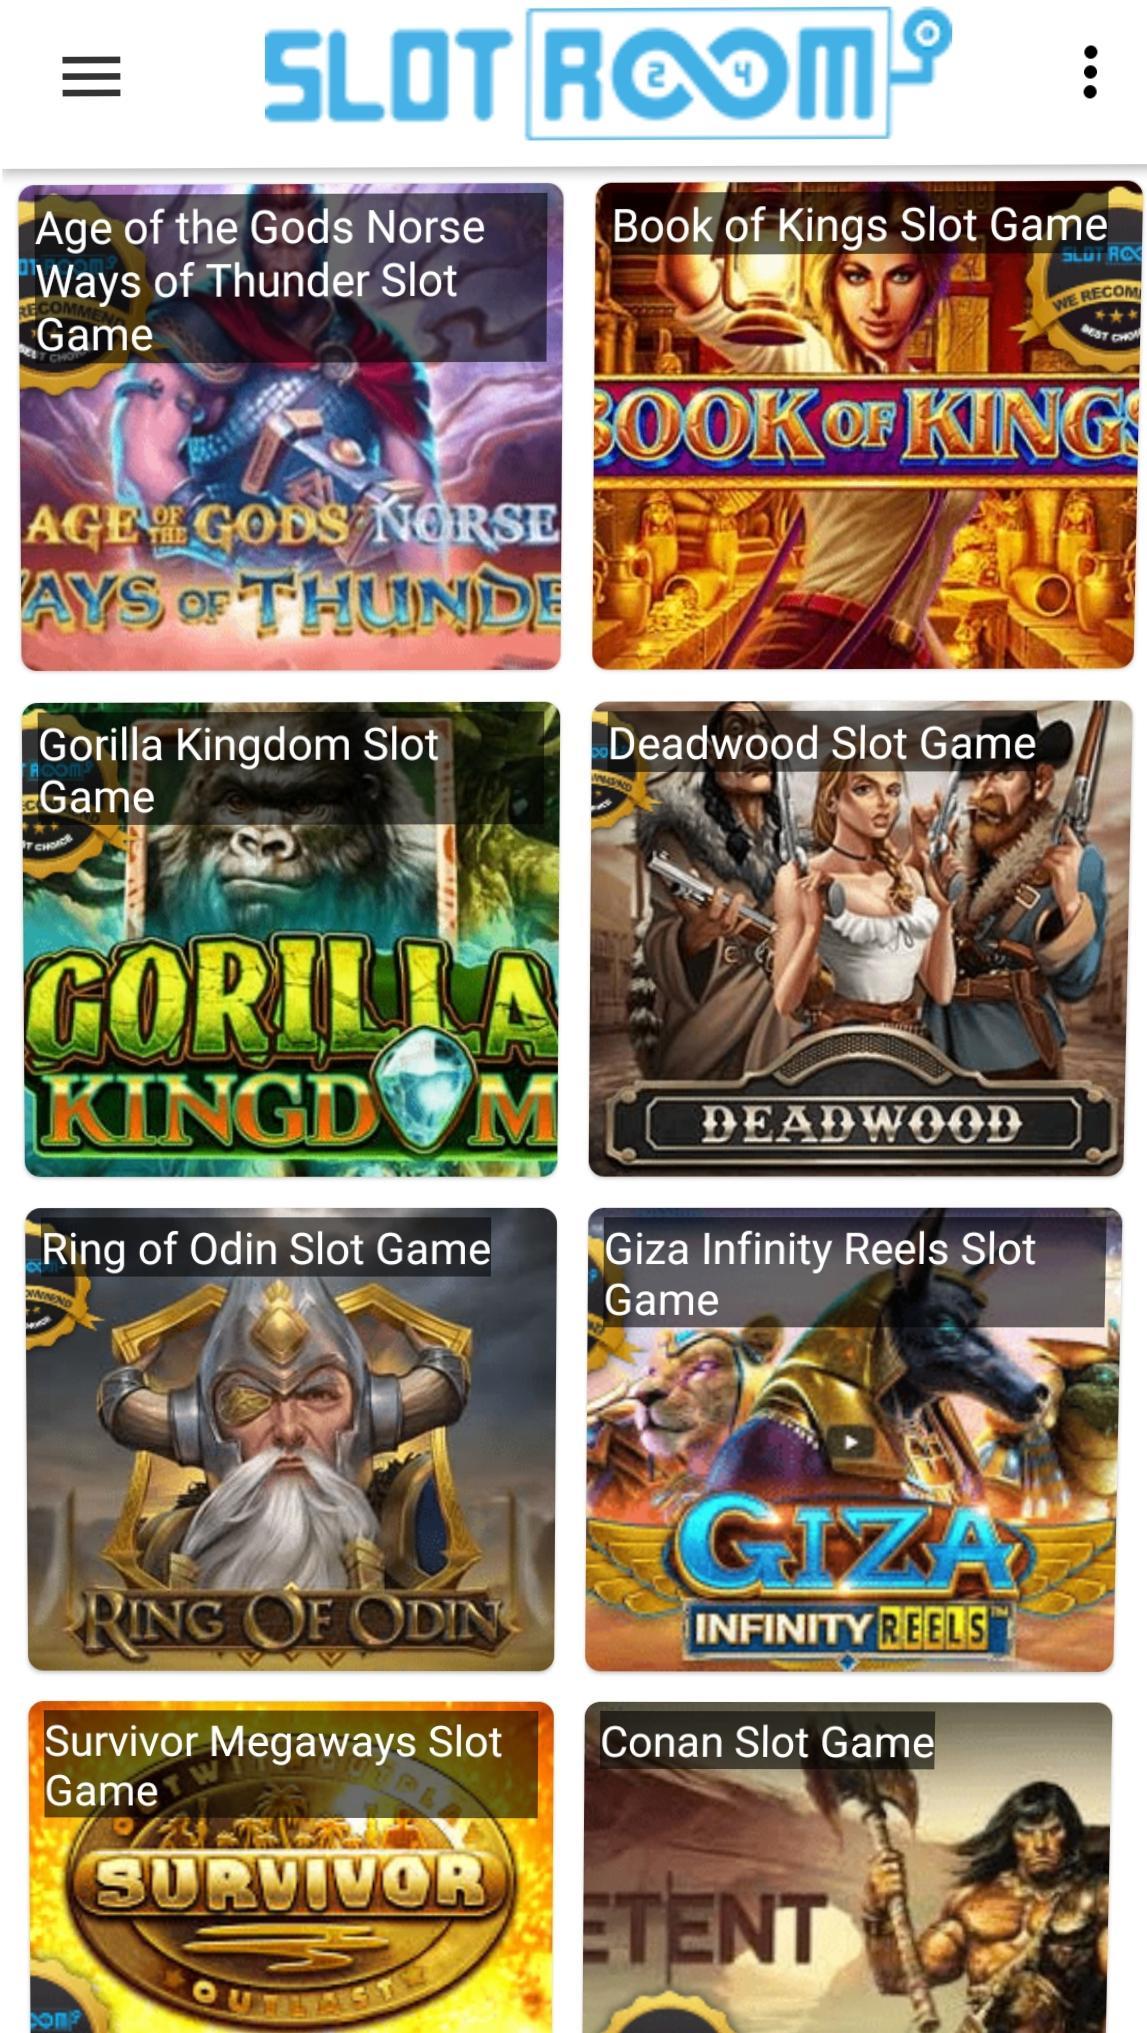 SlotRoom24.com App